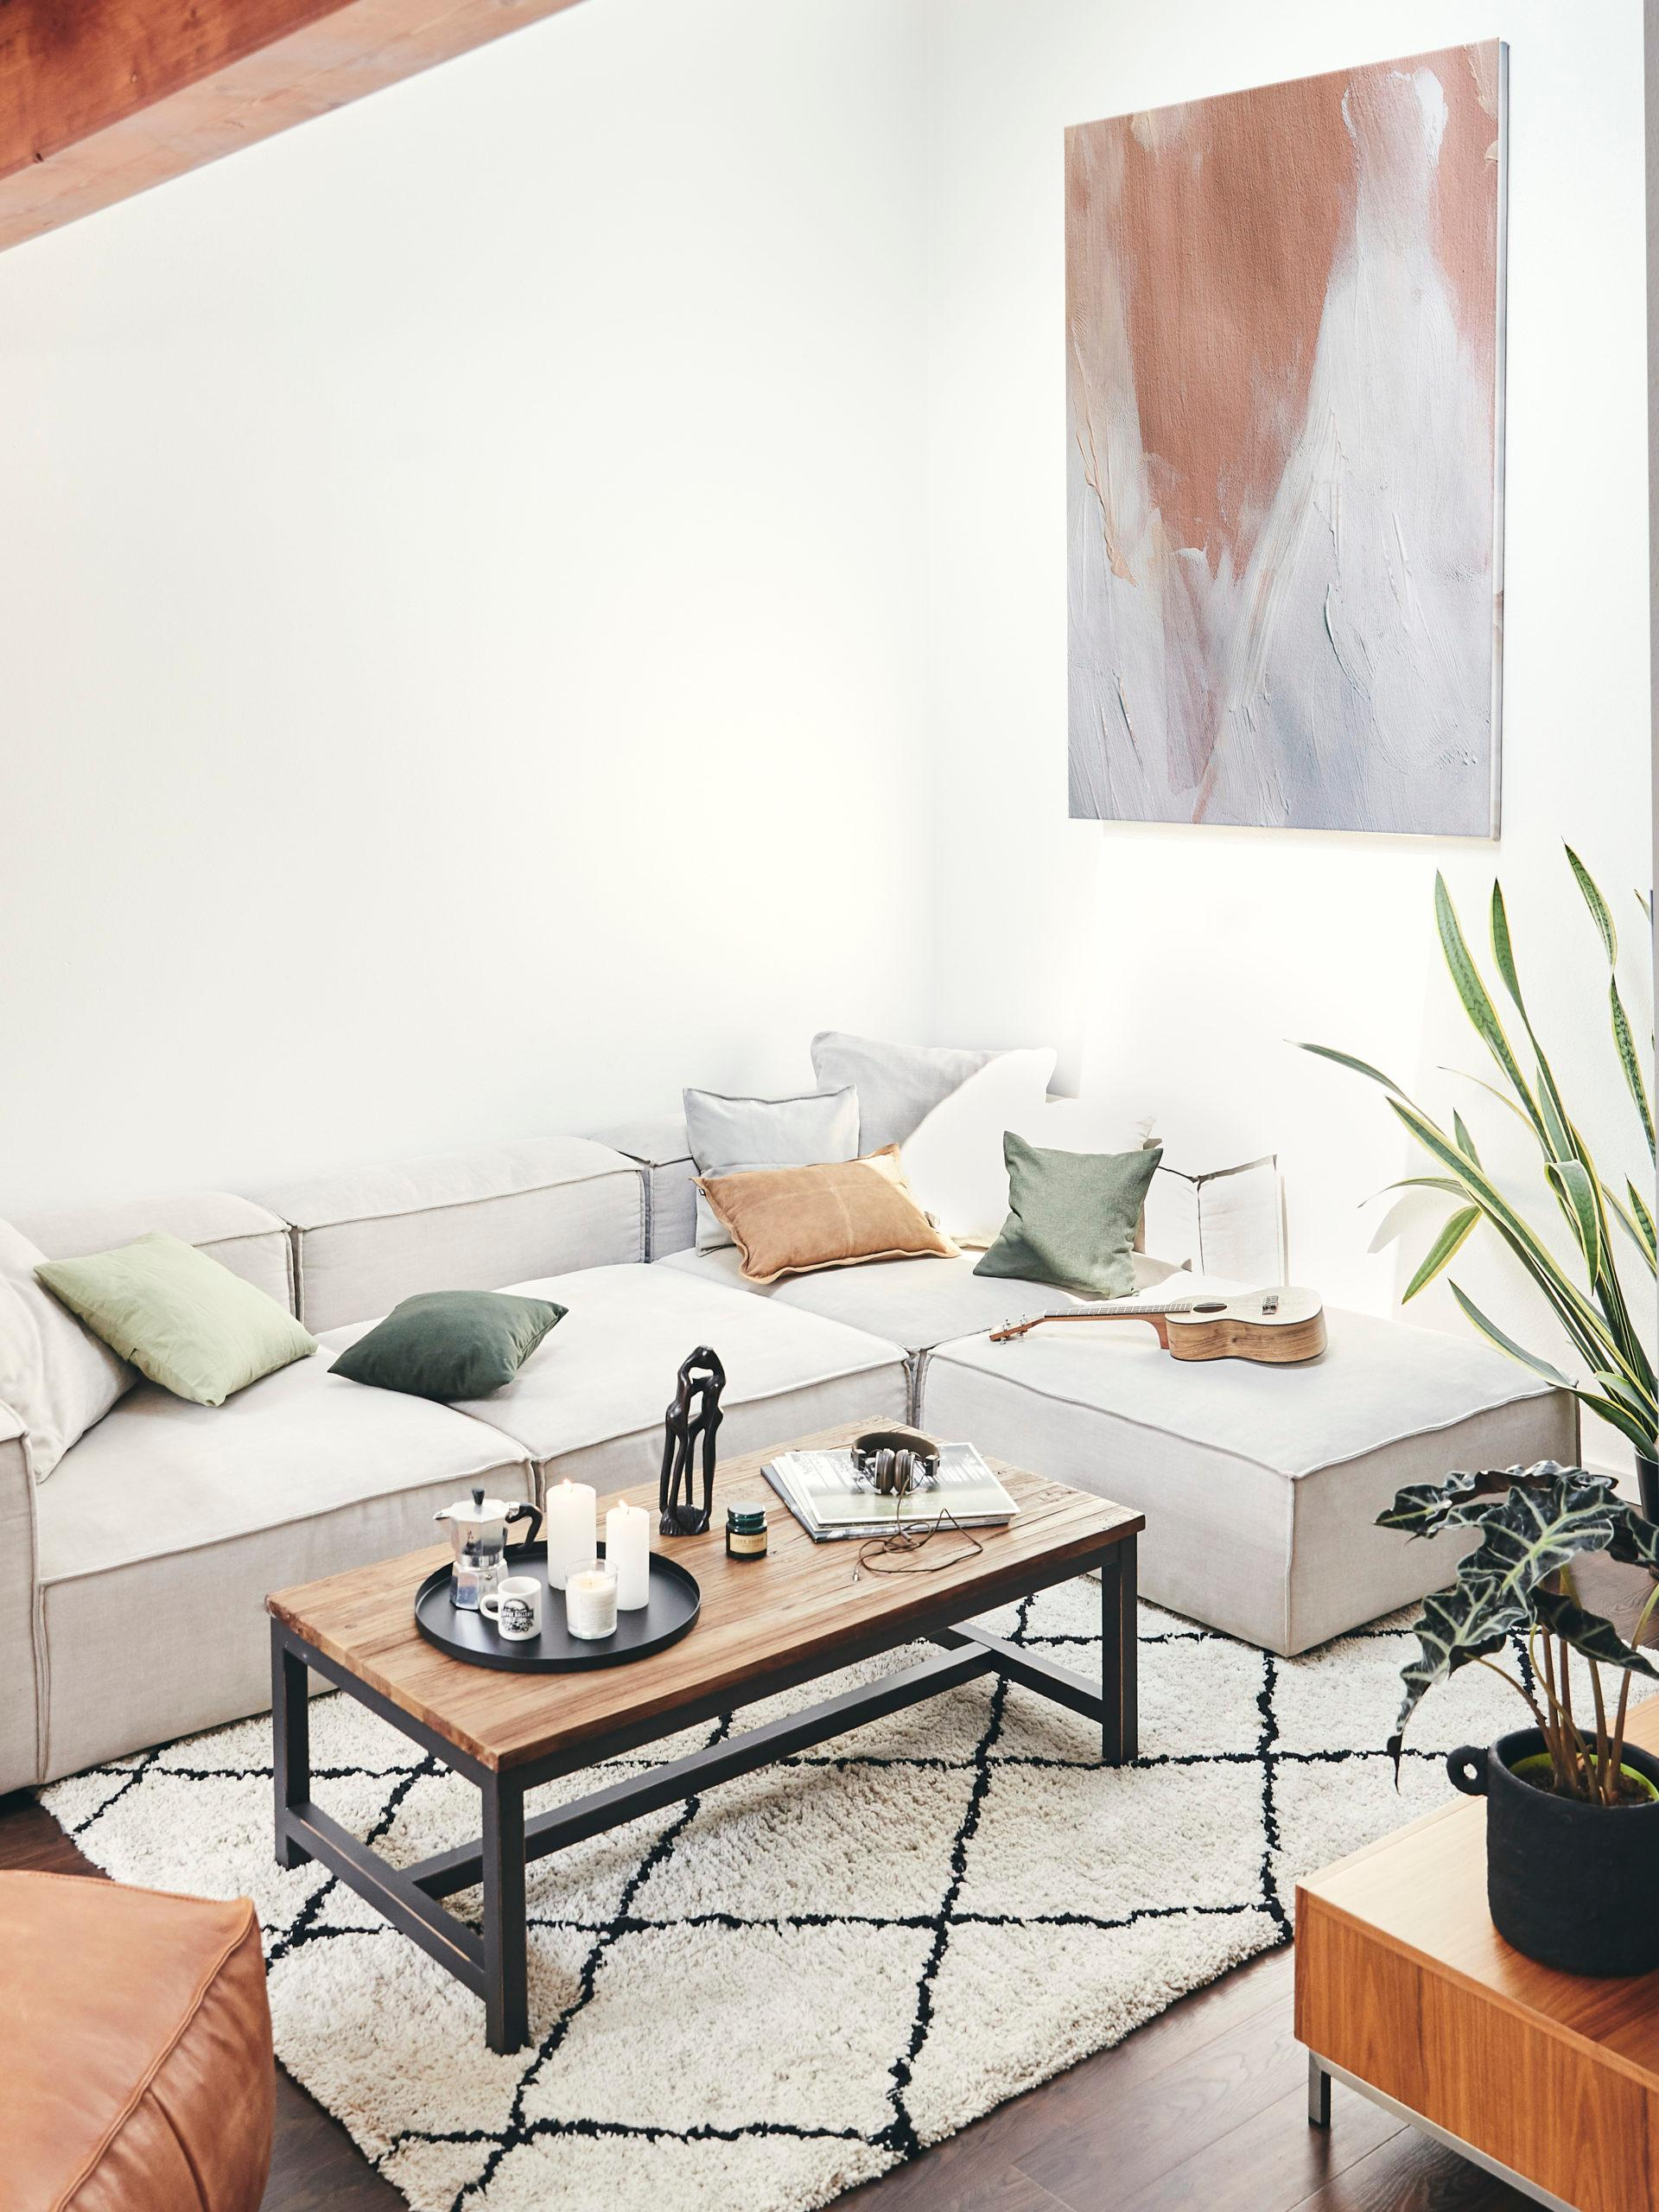 Jasny salon na poddaszu, z beżową narożną kanapą oraz stolikiem kawowym